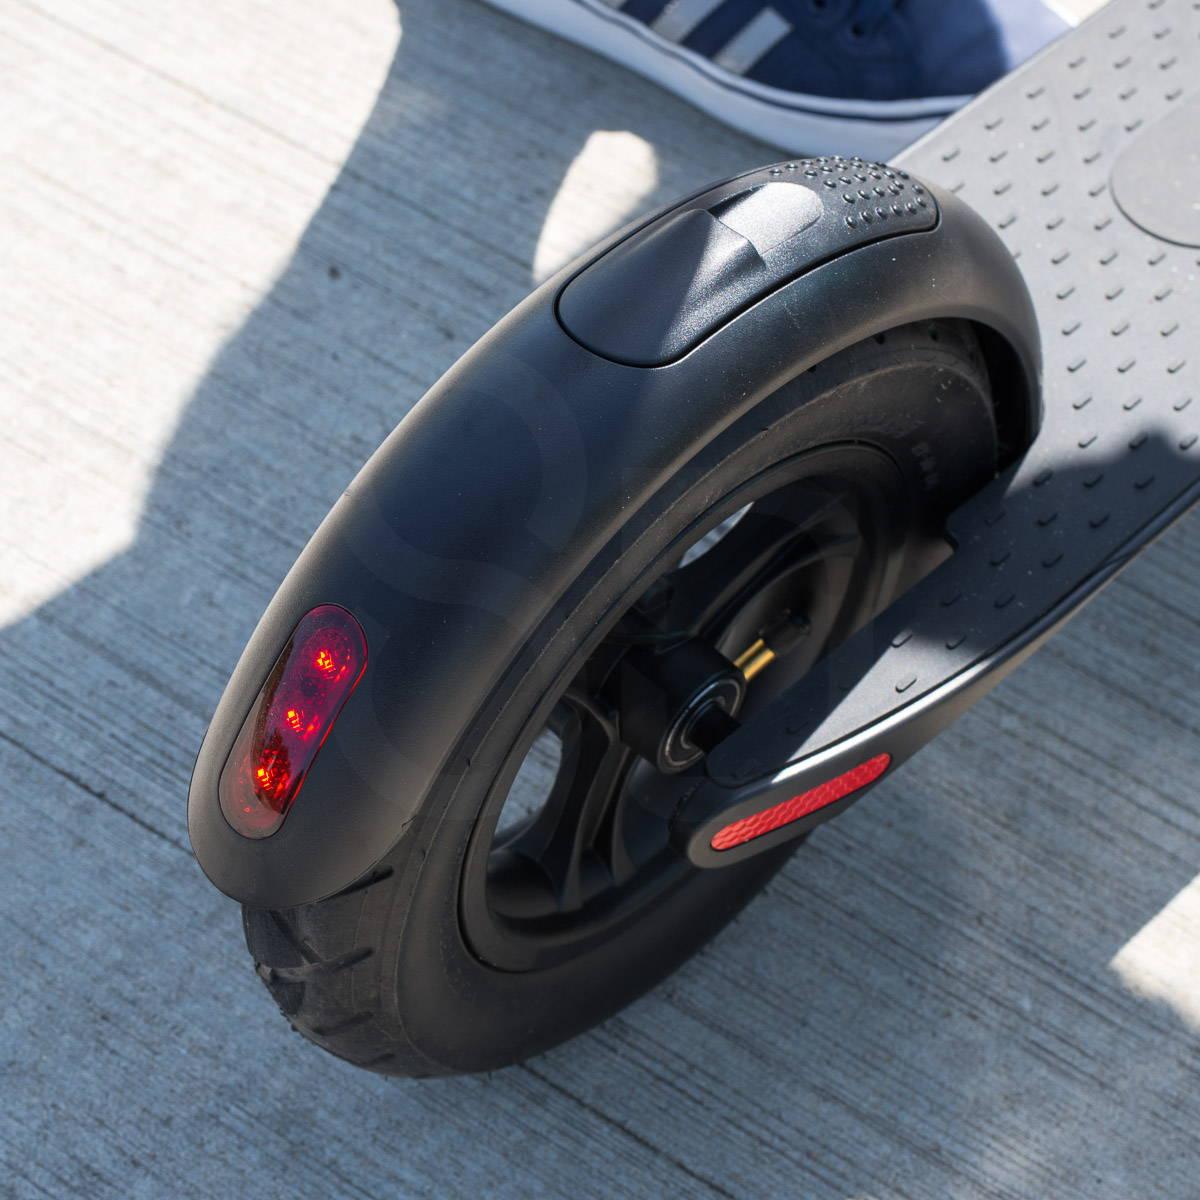 體面的 X7 踏板車尾燈